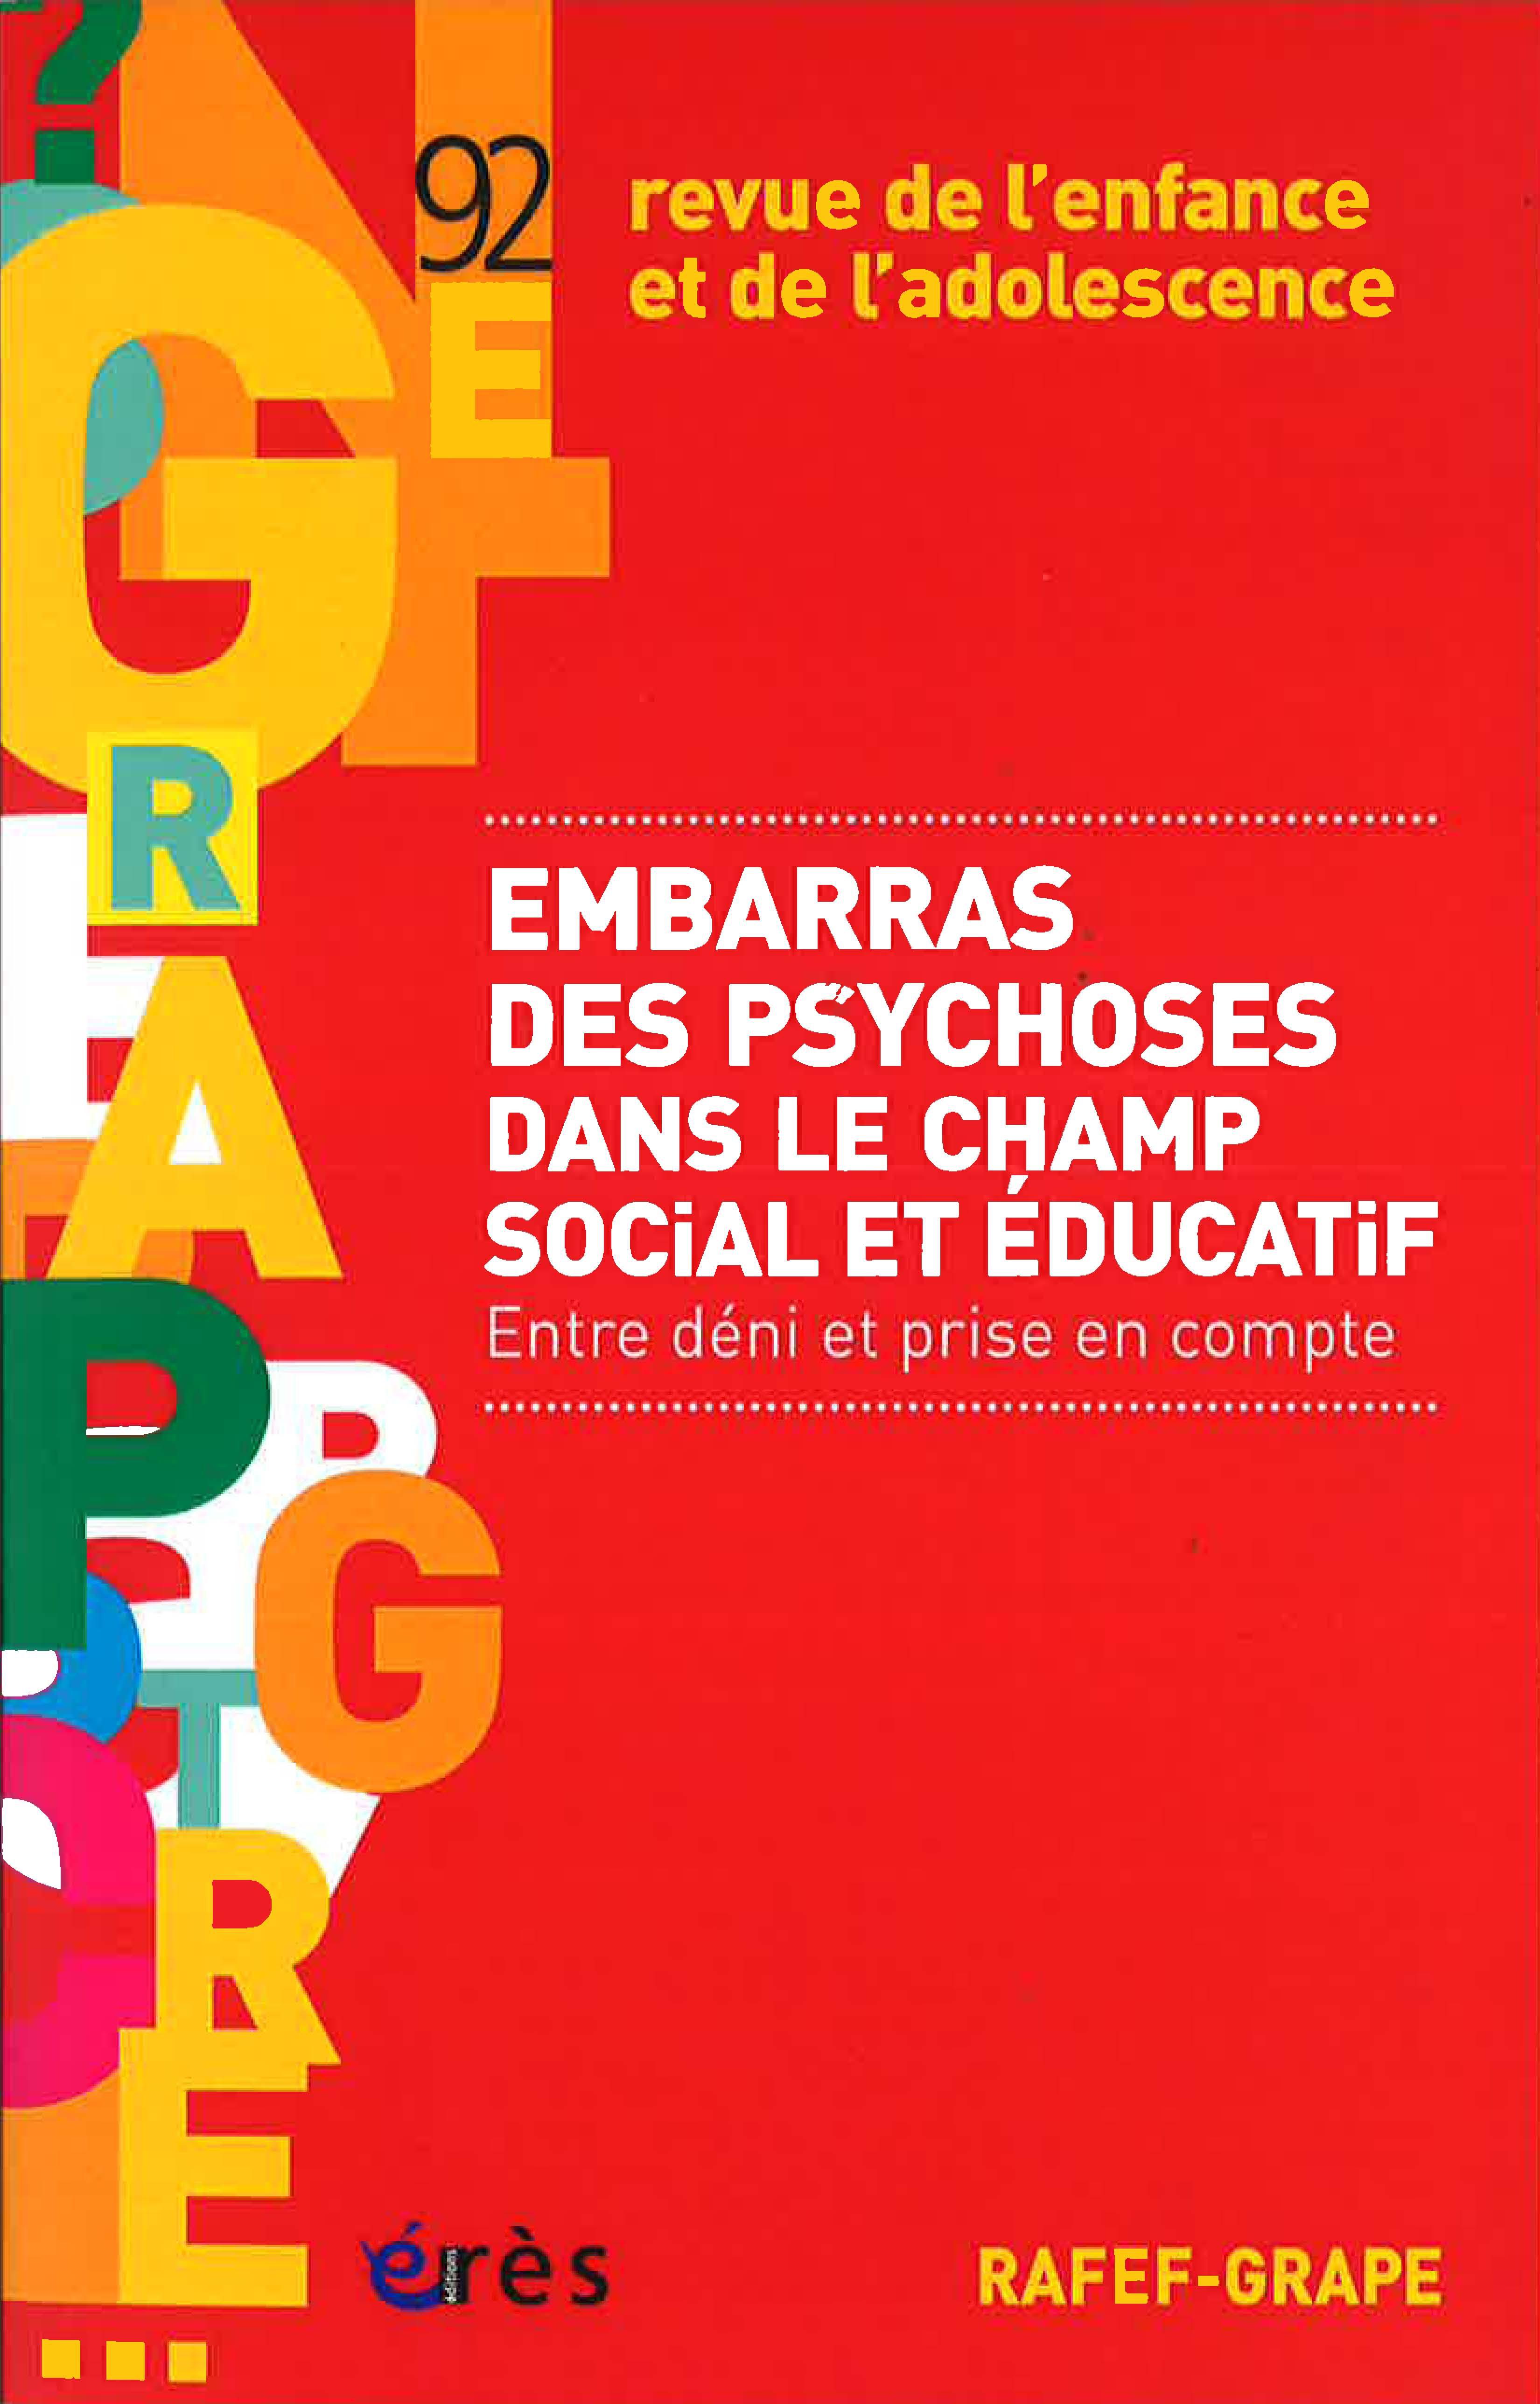 à Propos Du Livre Rencontrer Lautiste Et Le Psychotique Cairninfo